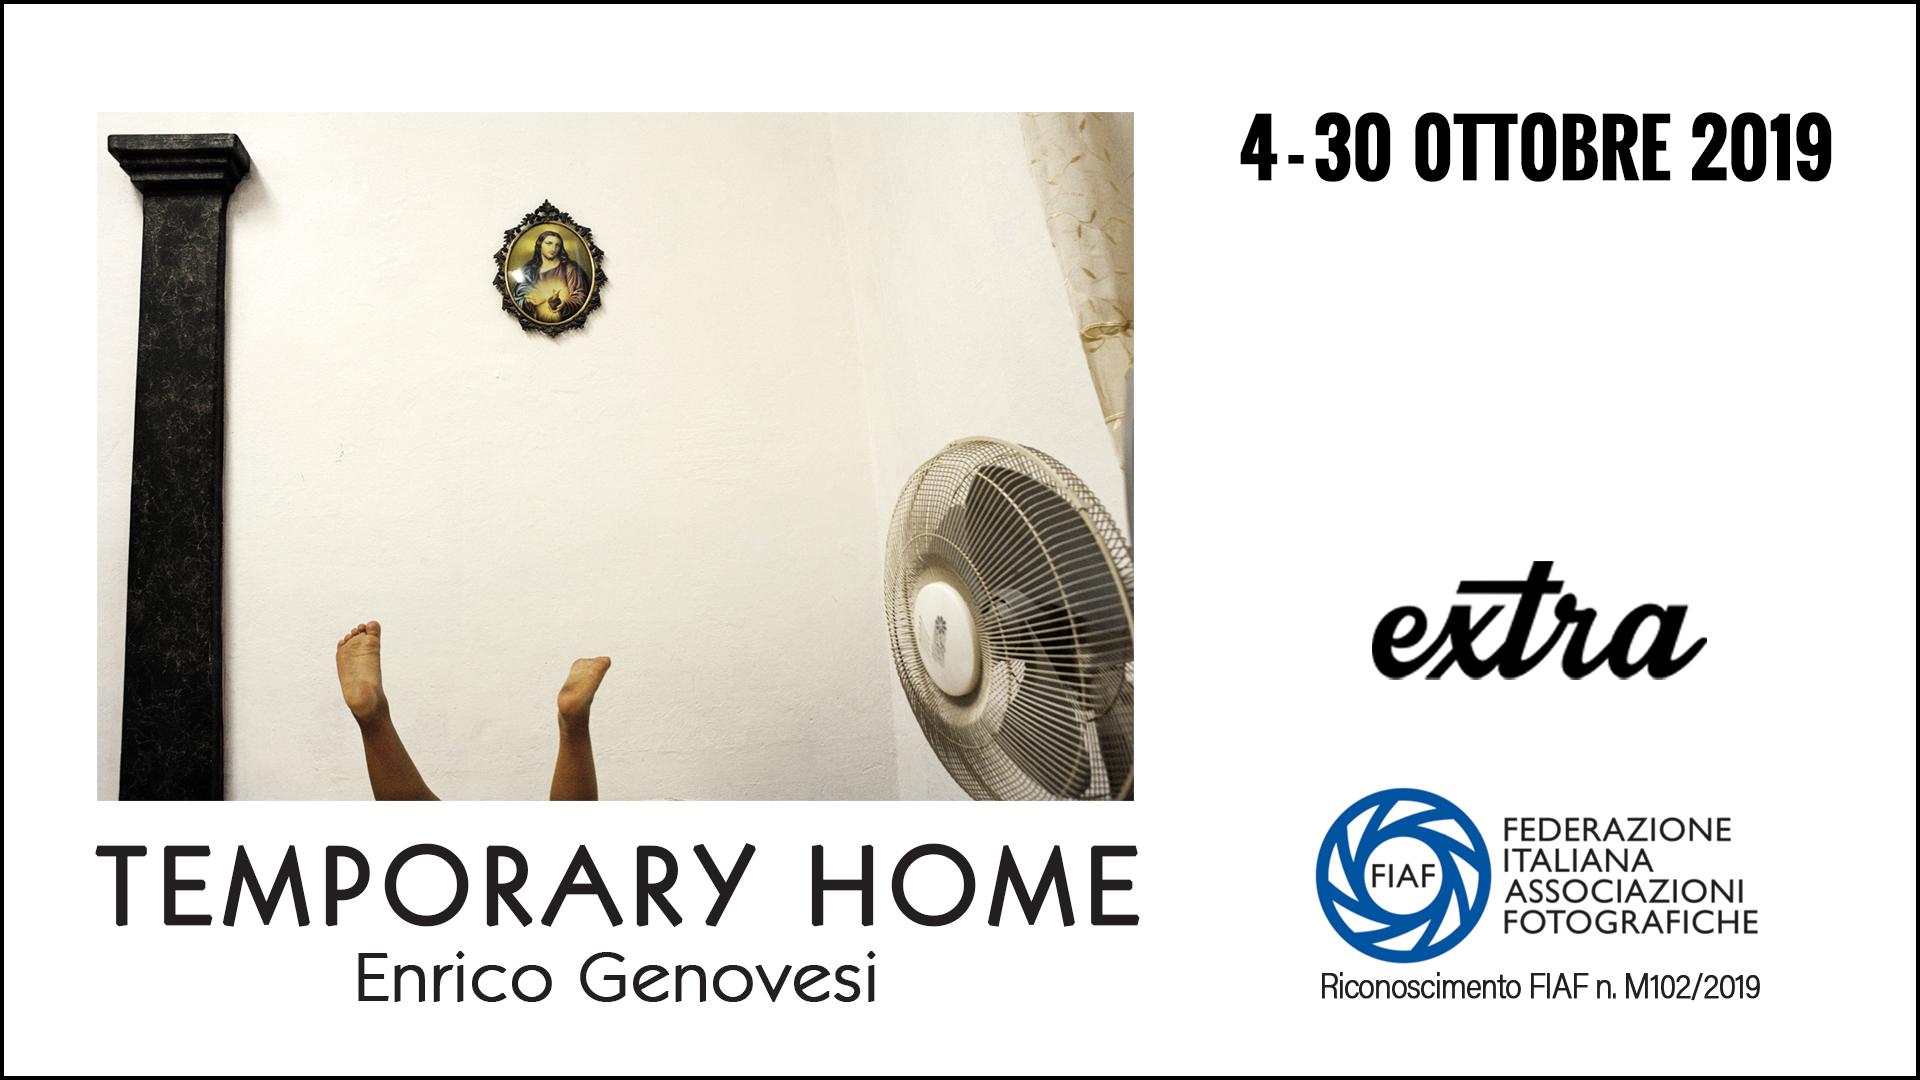 Enrico Genovesi: Temporary Home.